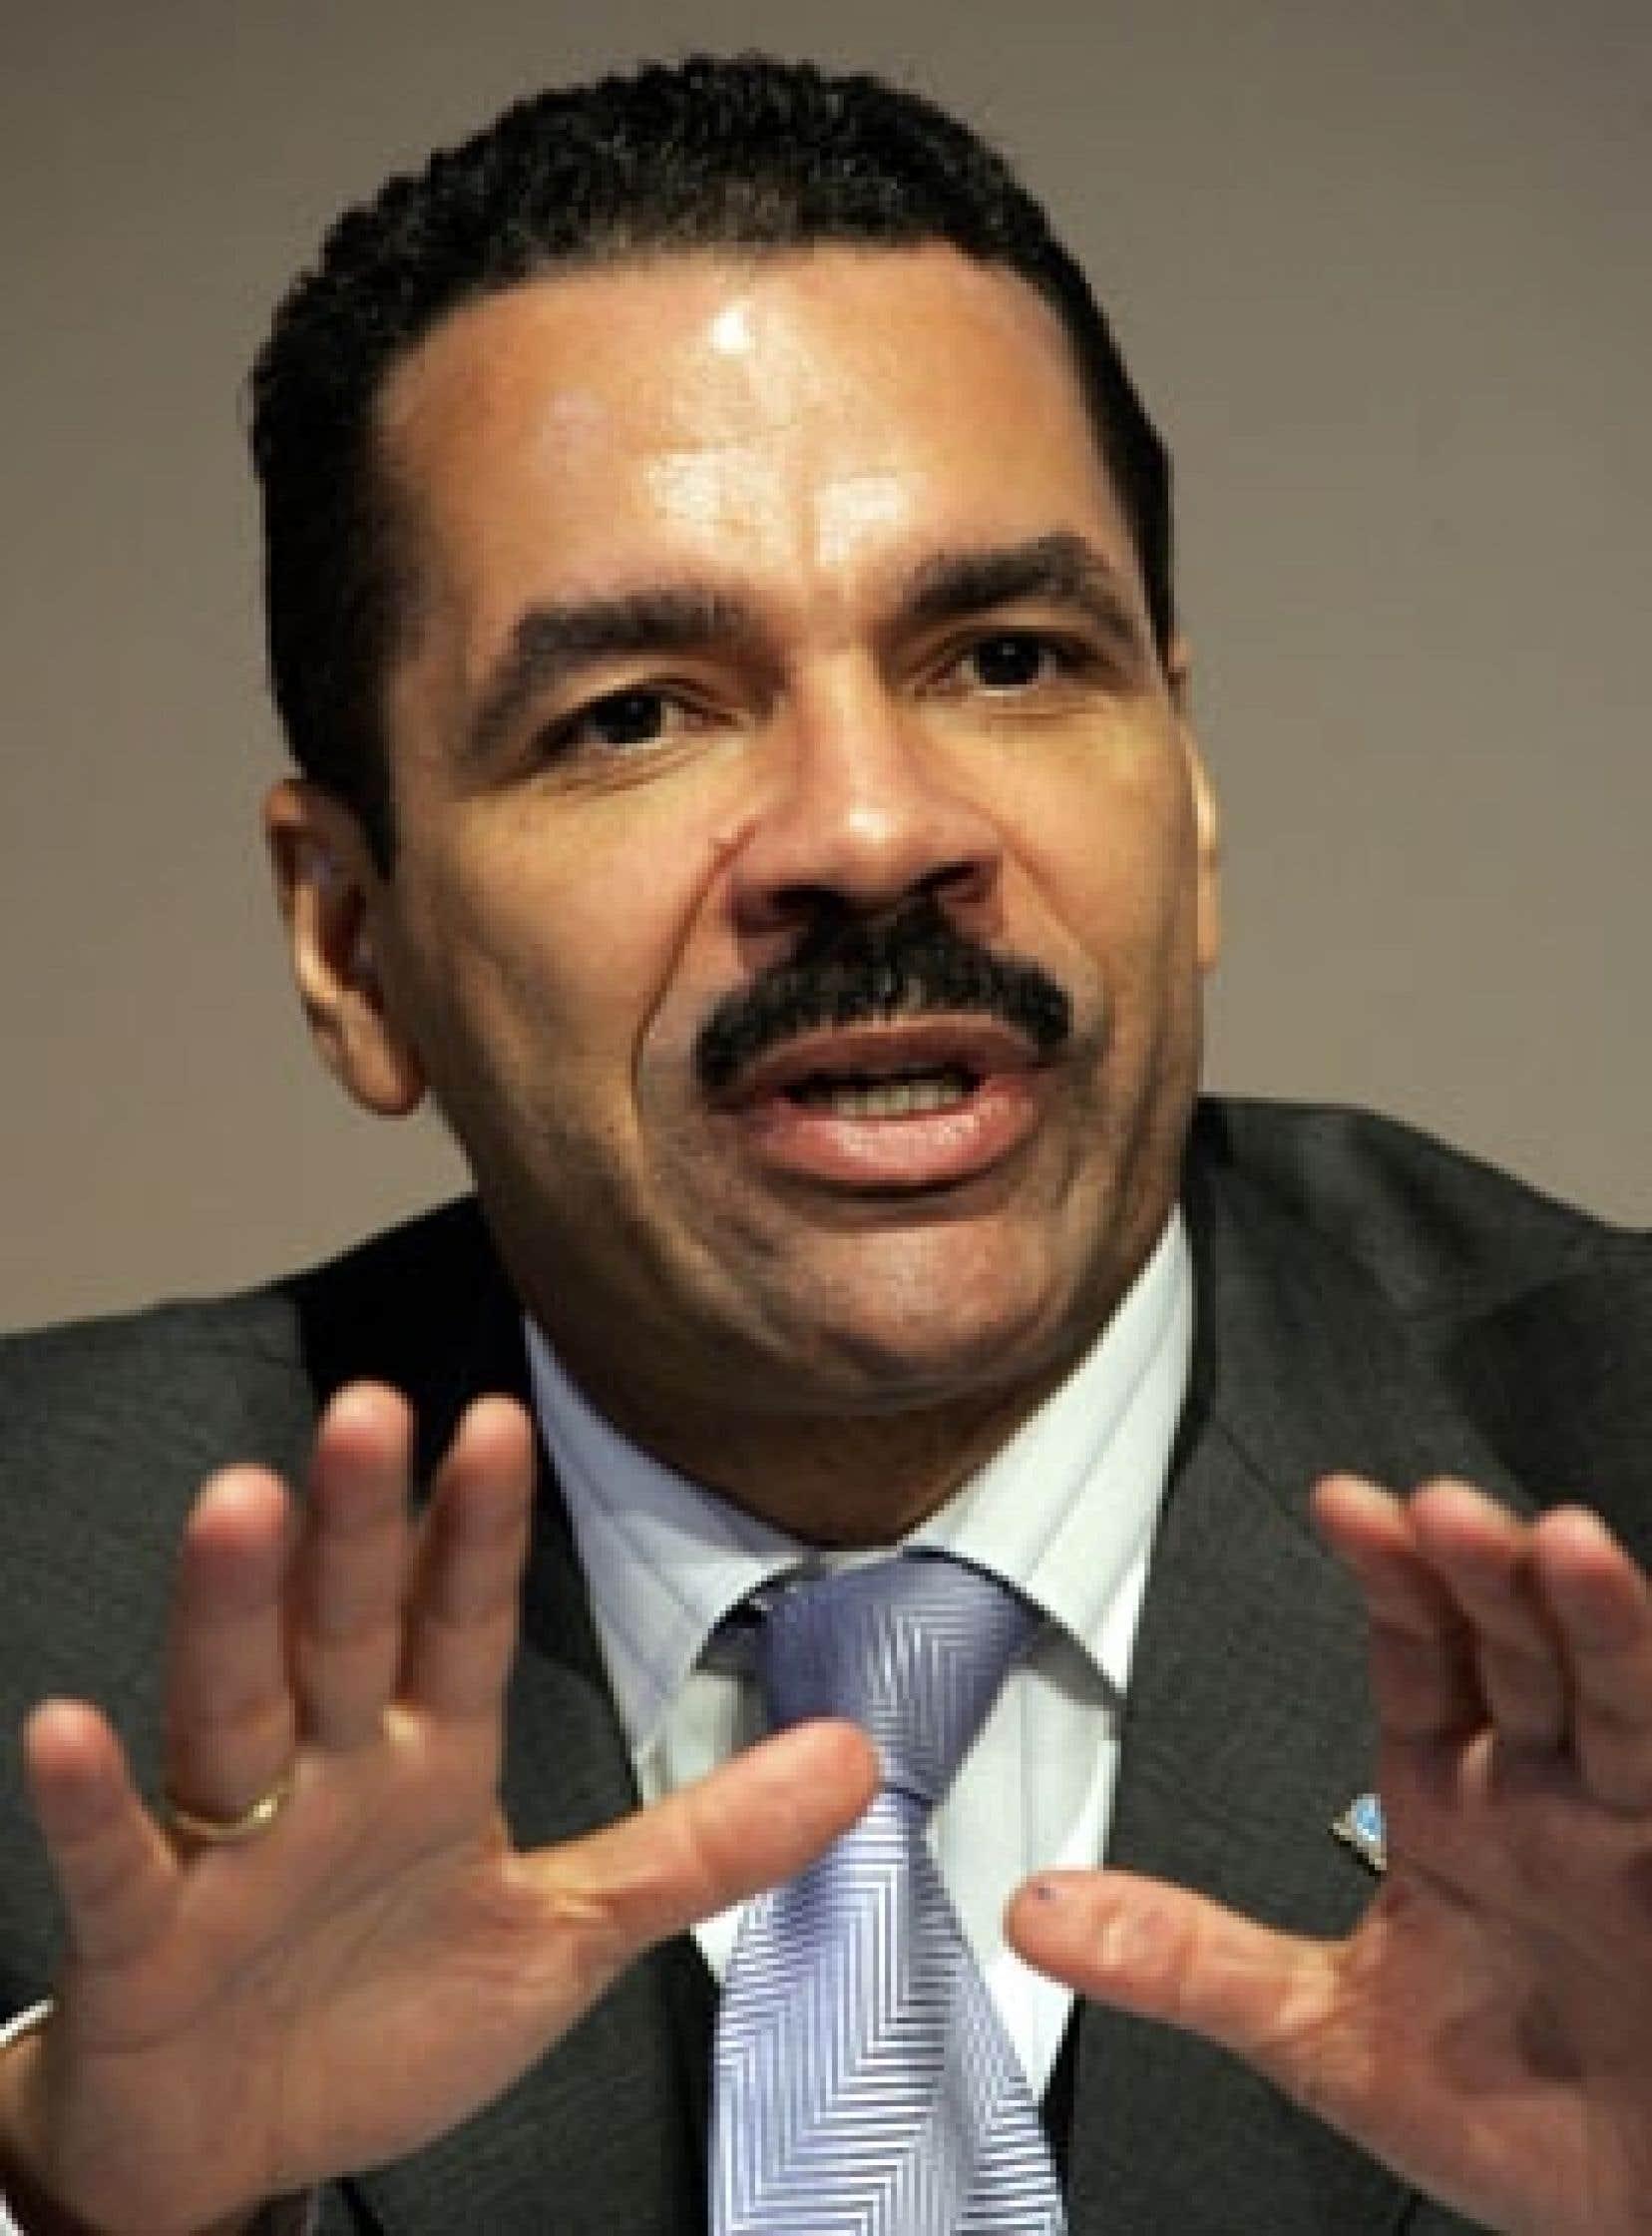 Ronald K. Noble, secrétaire général d'Interpol, juge que la GRC et son directeur n'ont rien à se reprocher dans l'affaire Arar.